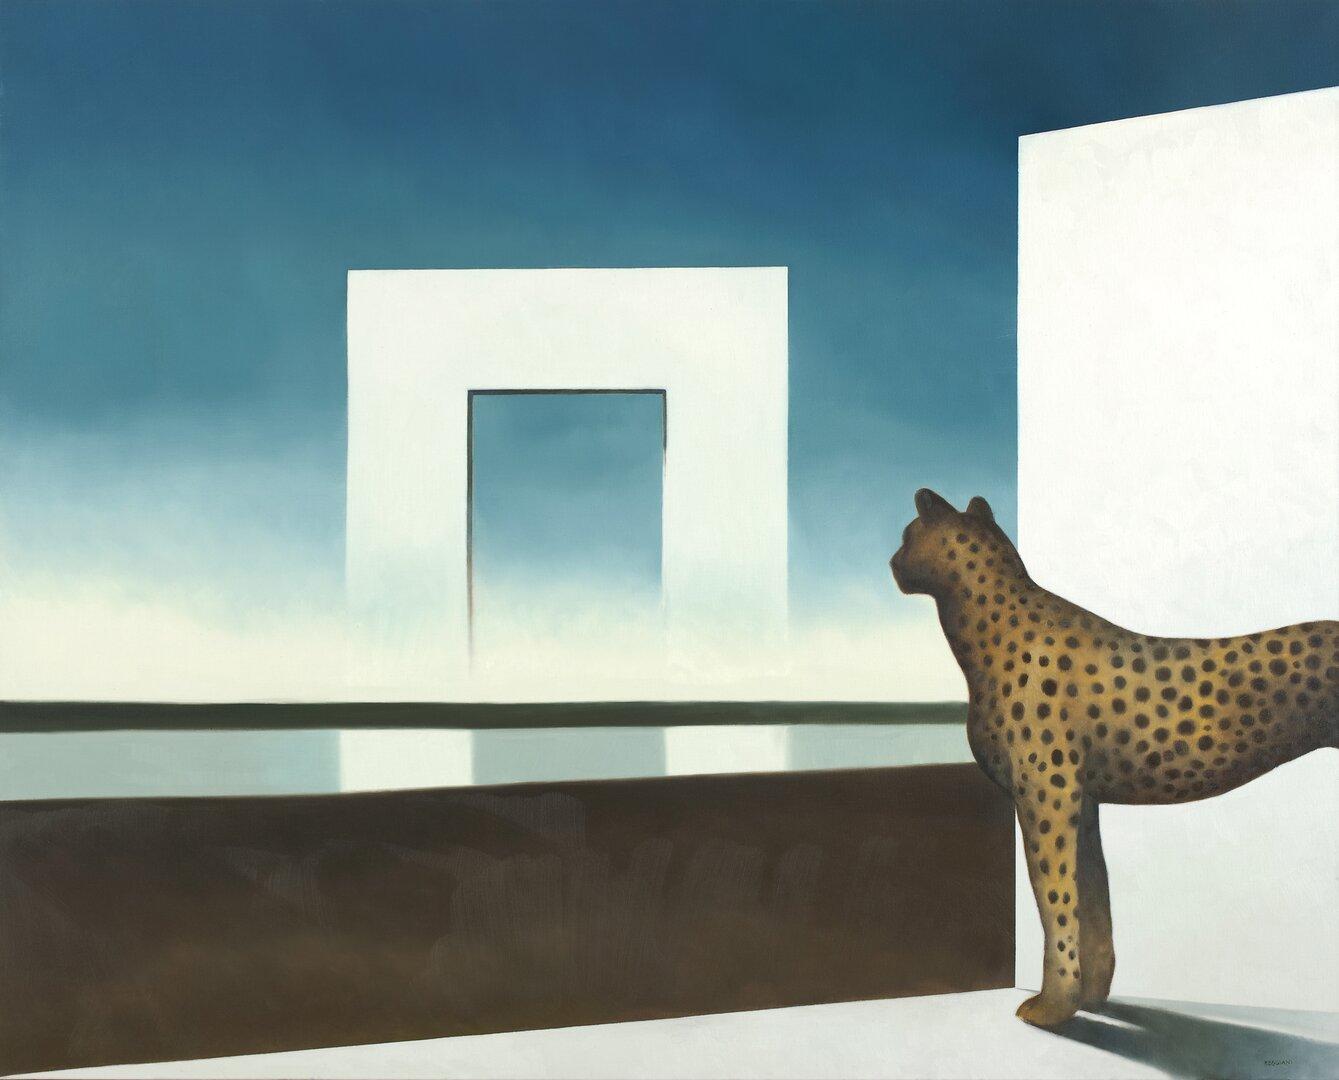 L'arco dell'attesa - Olio su tela, 80x100 cm, 2010